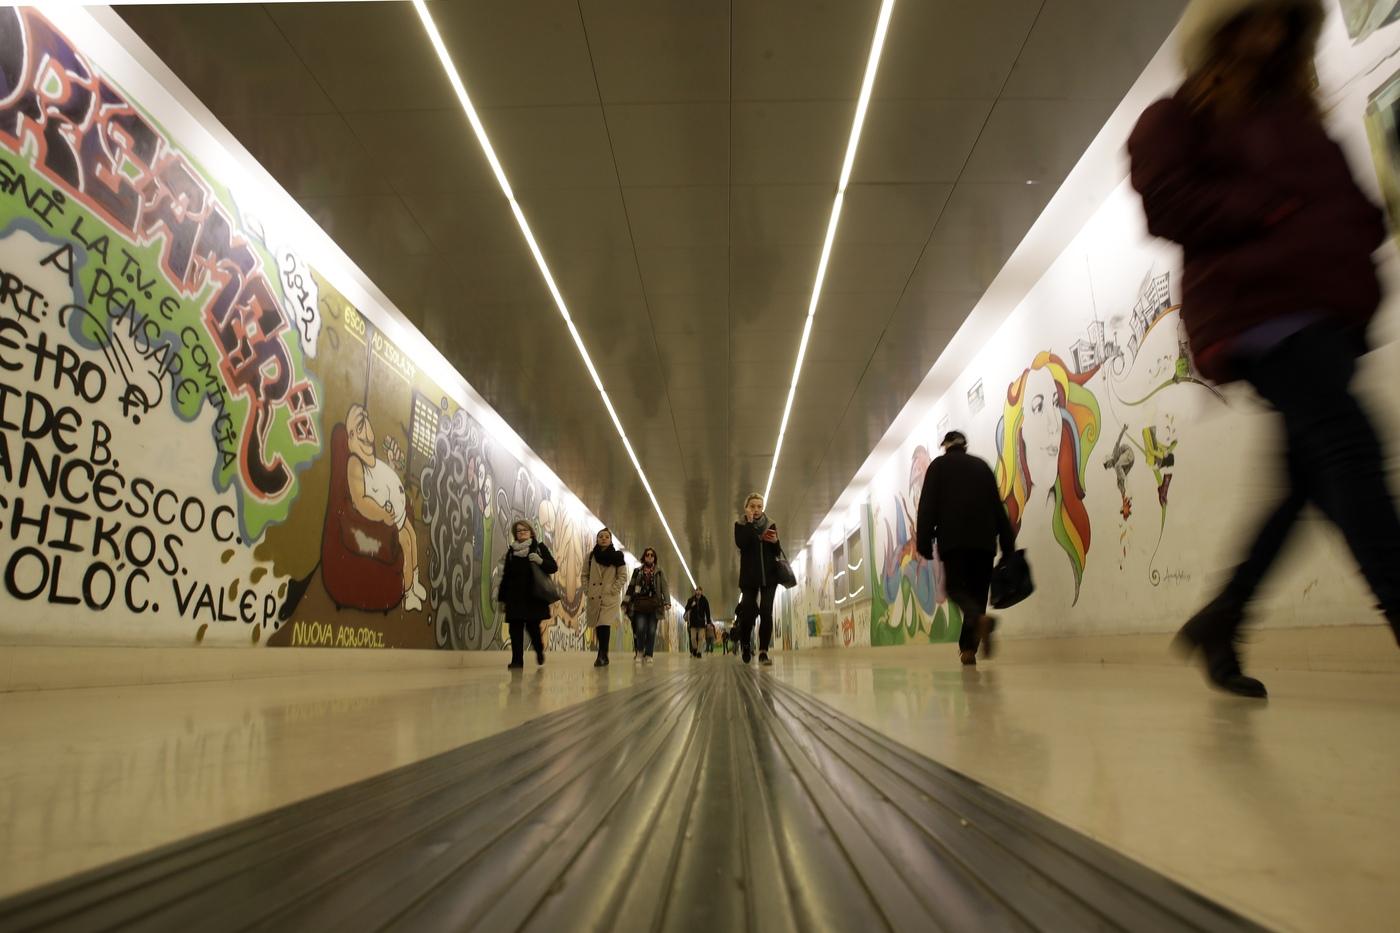 Coronavirus, misure straordinarie di pulizia alla Stazione dei treni Milano Porta Garibaldi